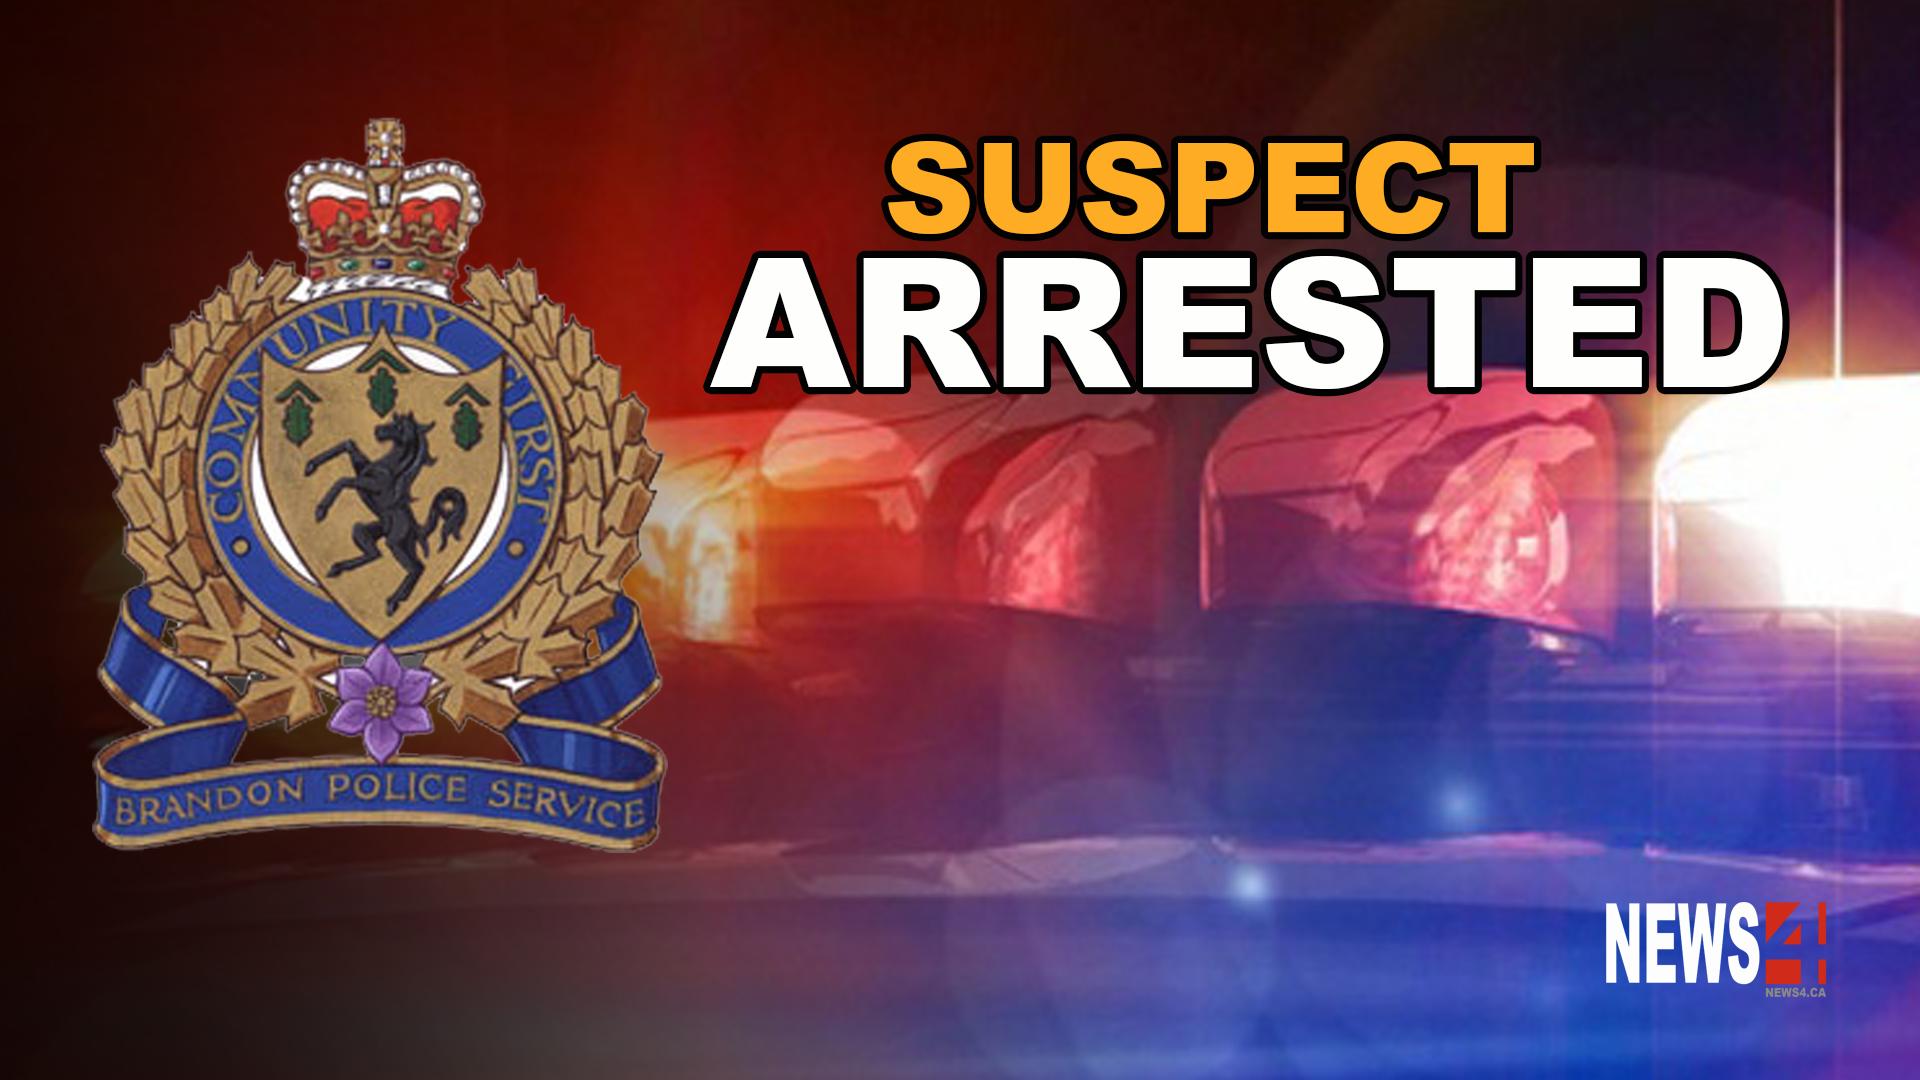 Brandon suspect arrested graphic